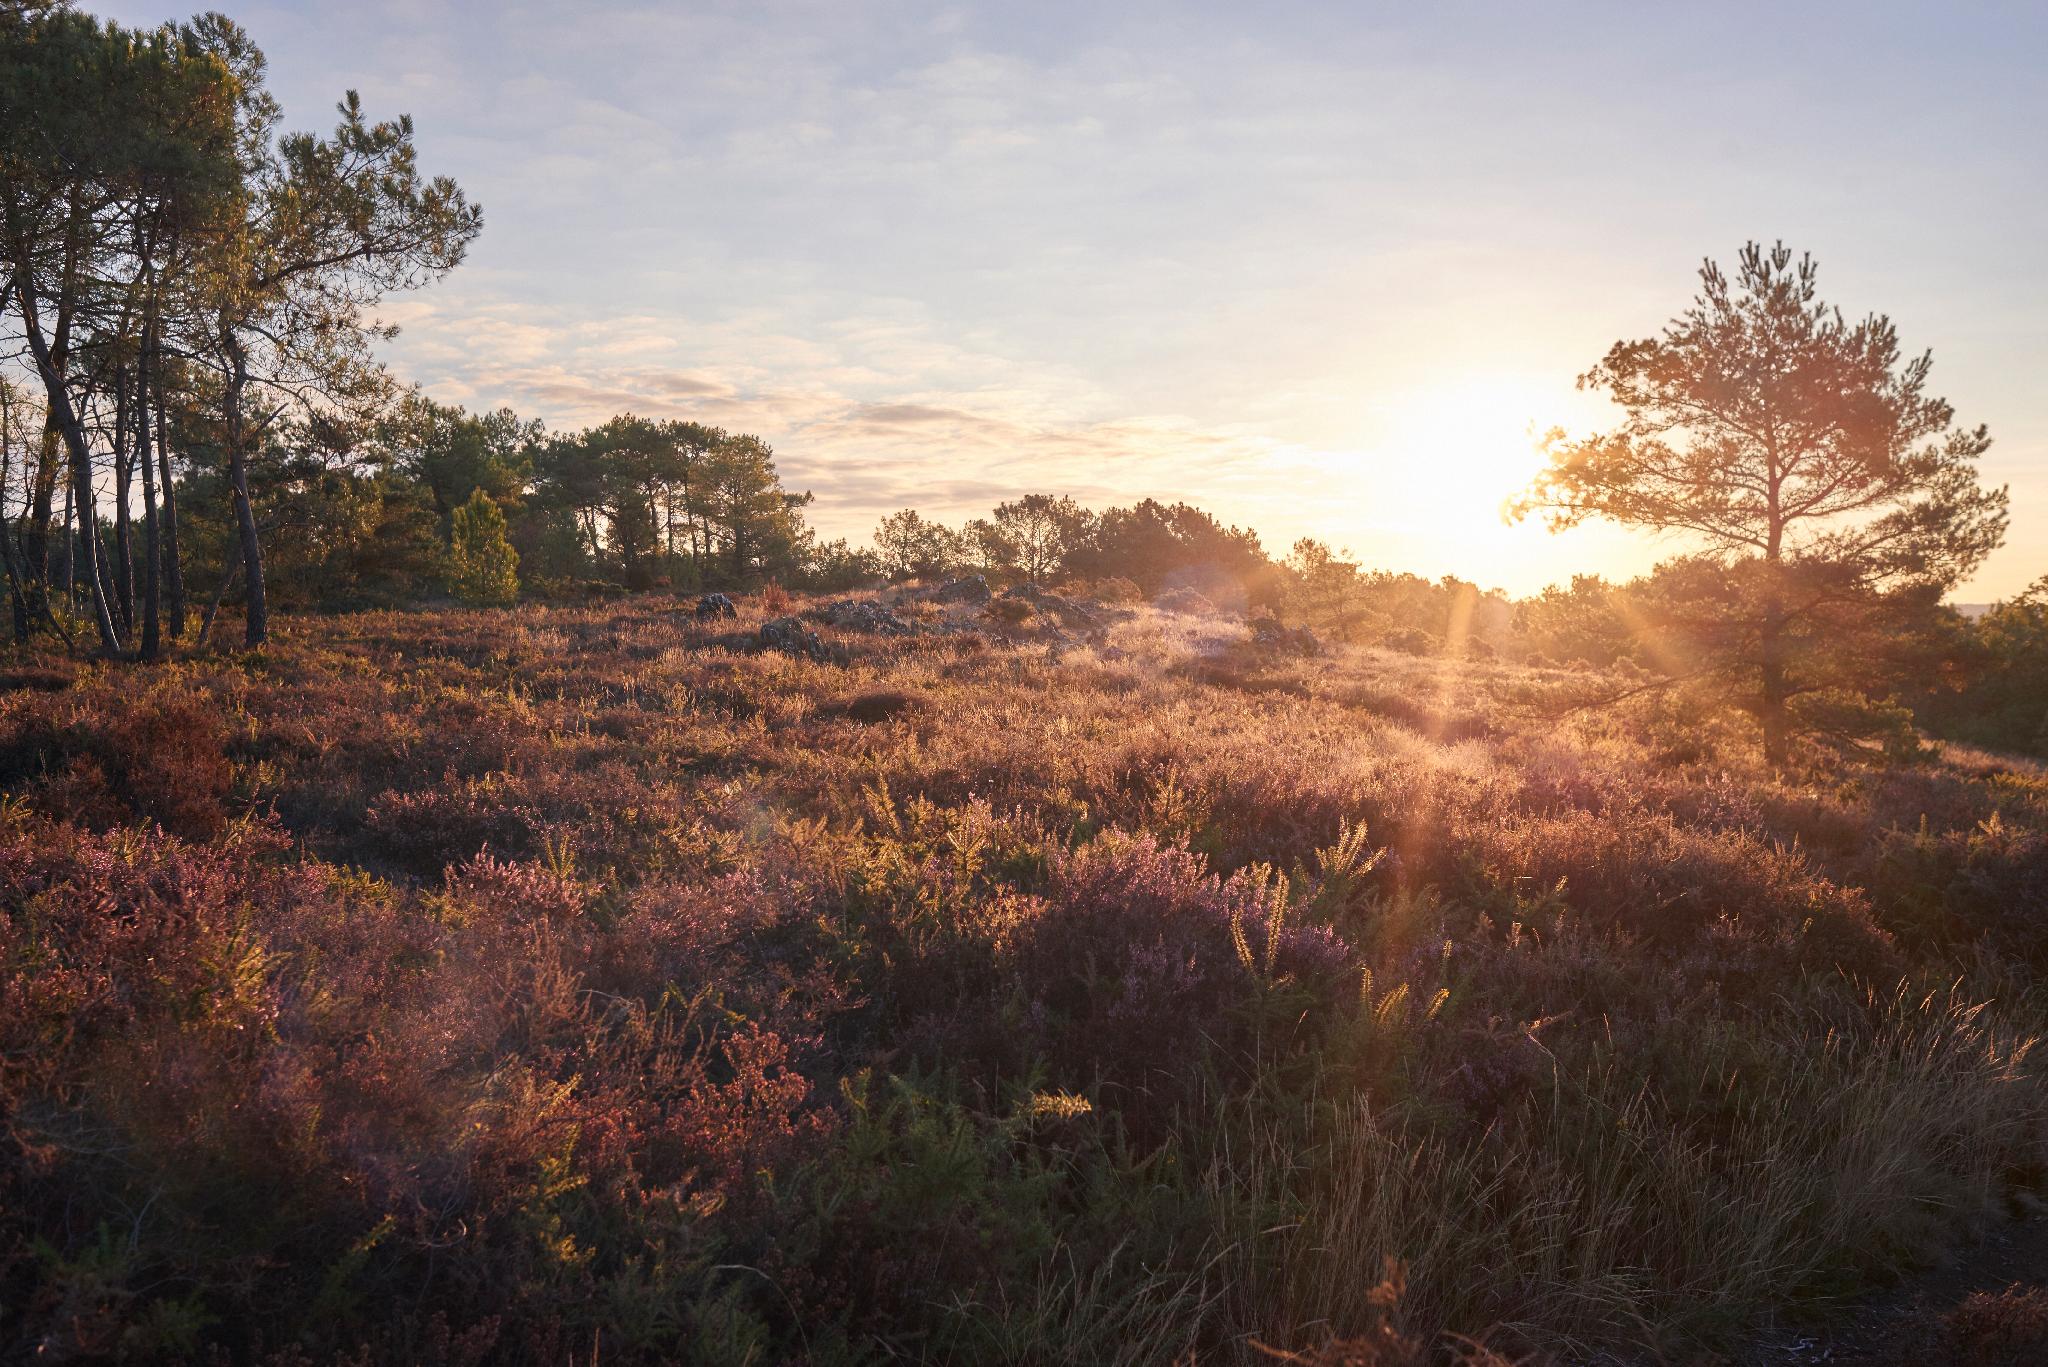 Rochefort en Terre - Les Grées - Randonnee Ballade Marche Groupe